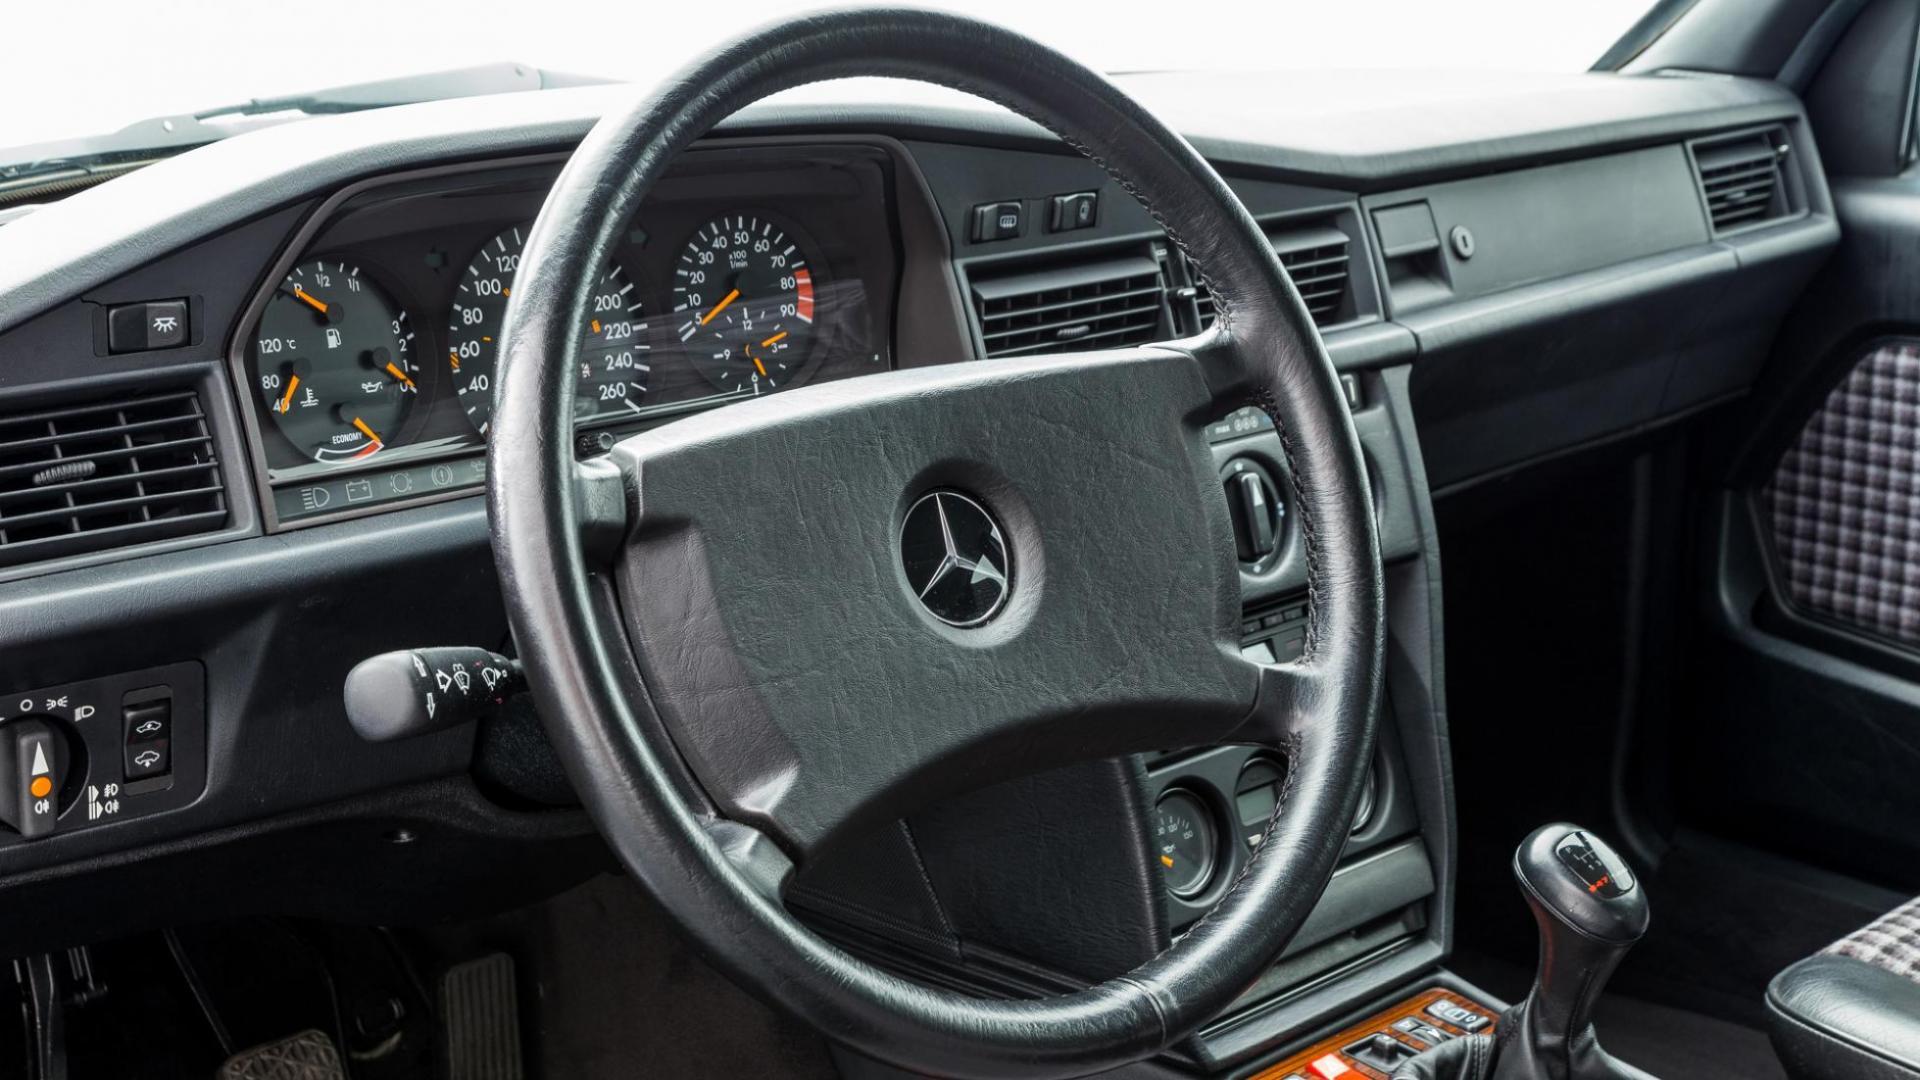 Mercedes 190 E EVO 2 interieur stuur dashboard detail